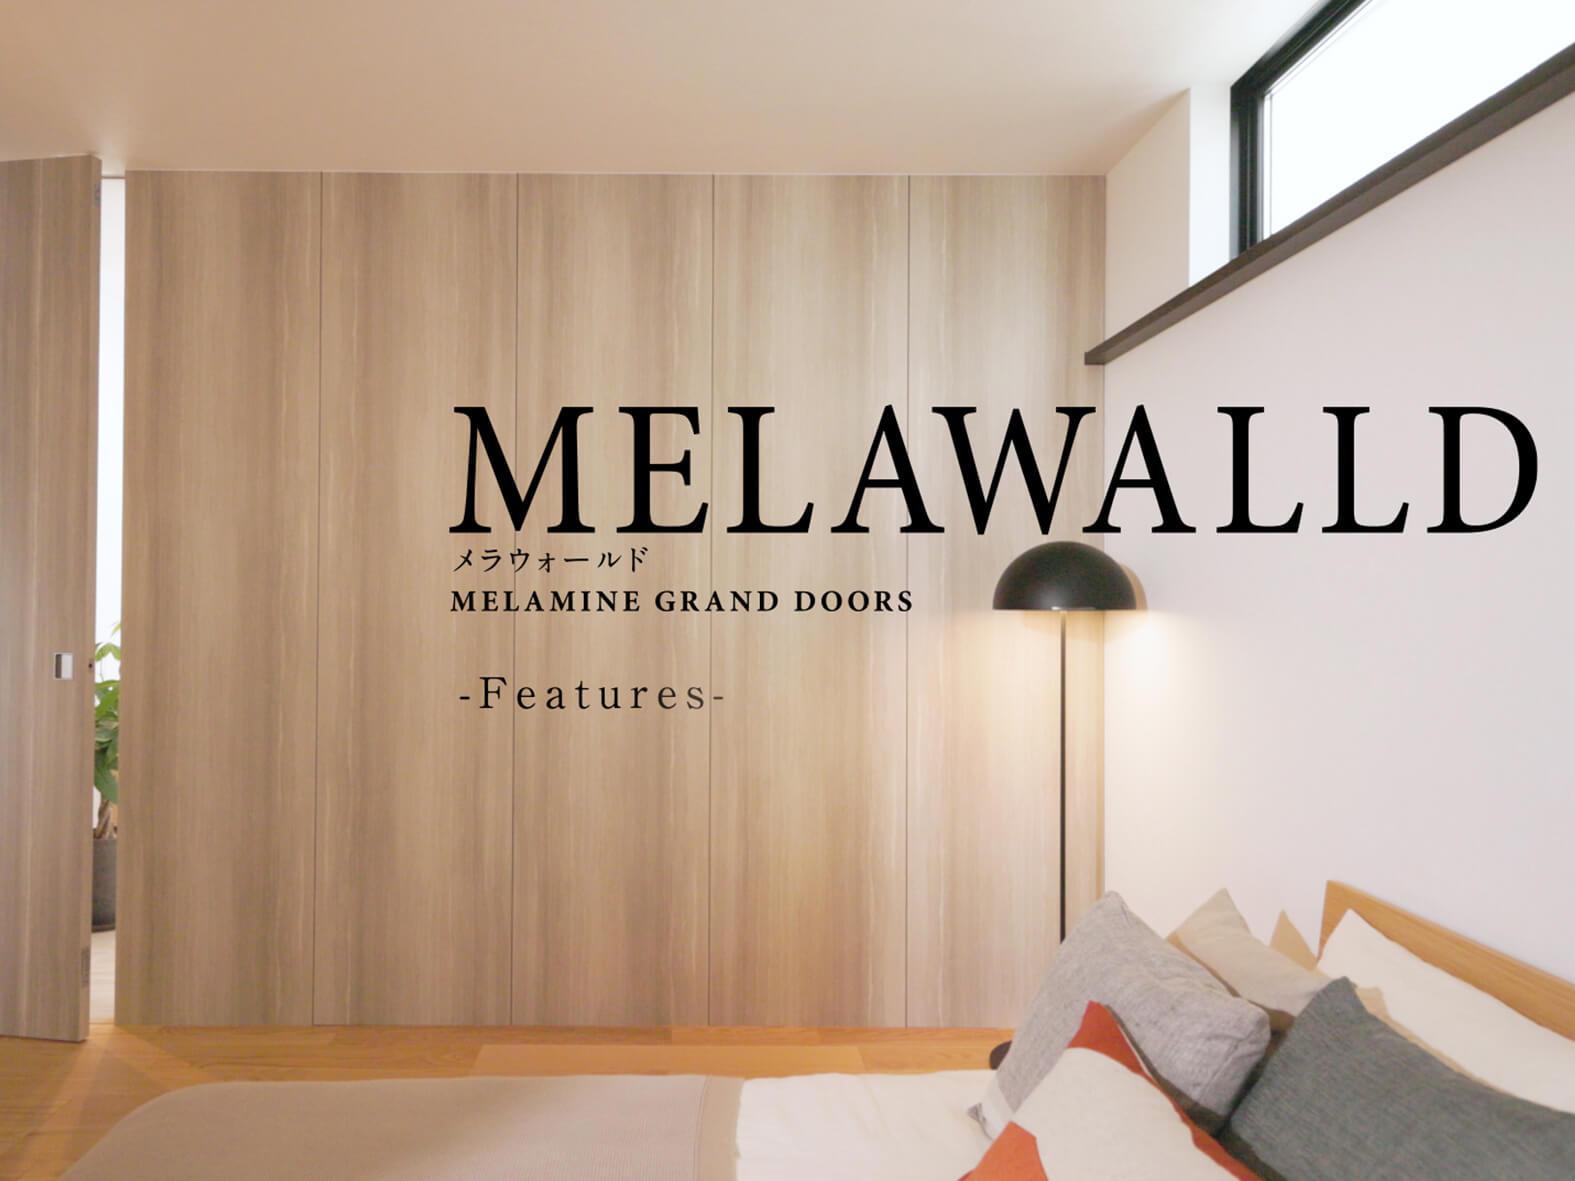 MELAWALLD_01 (1)